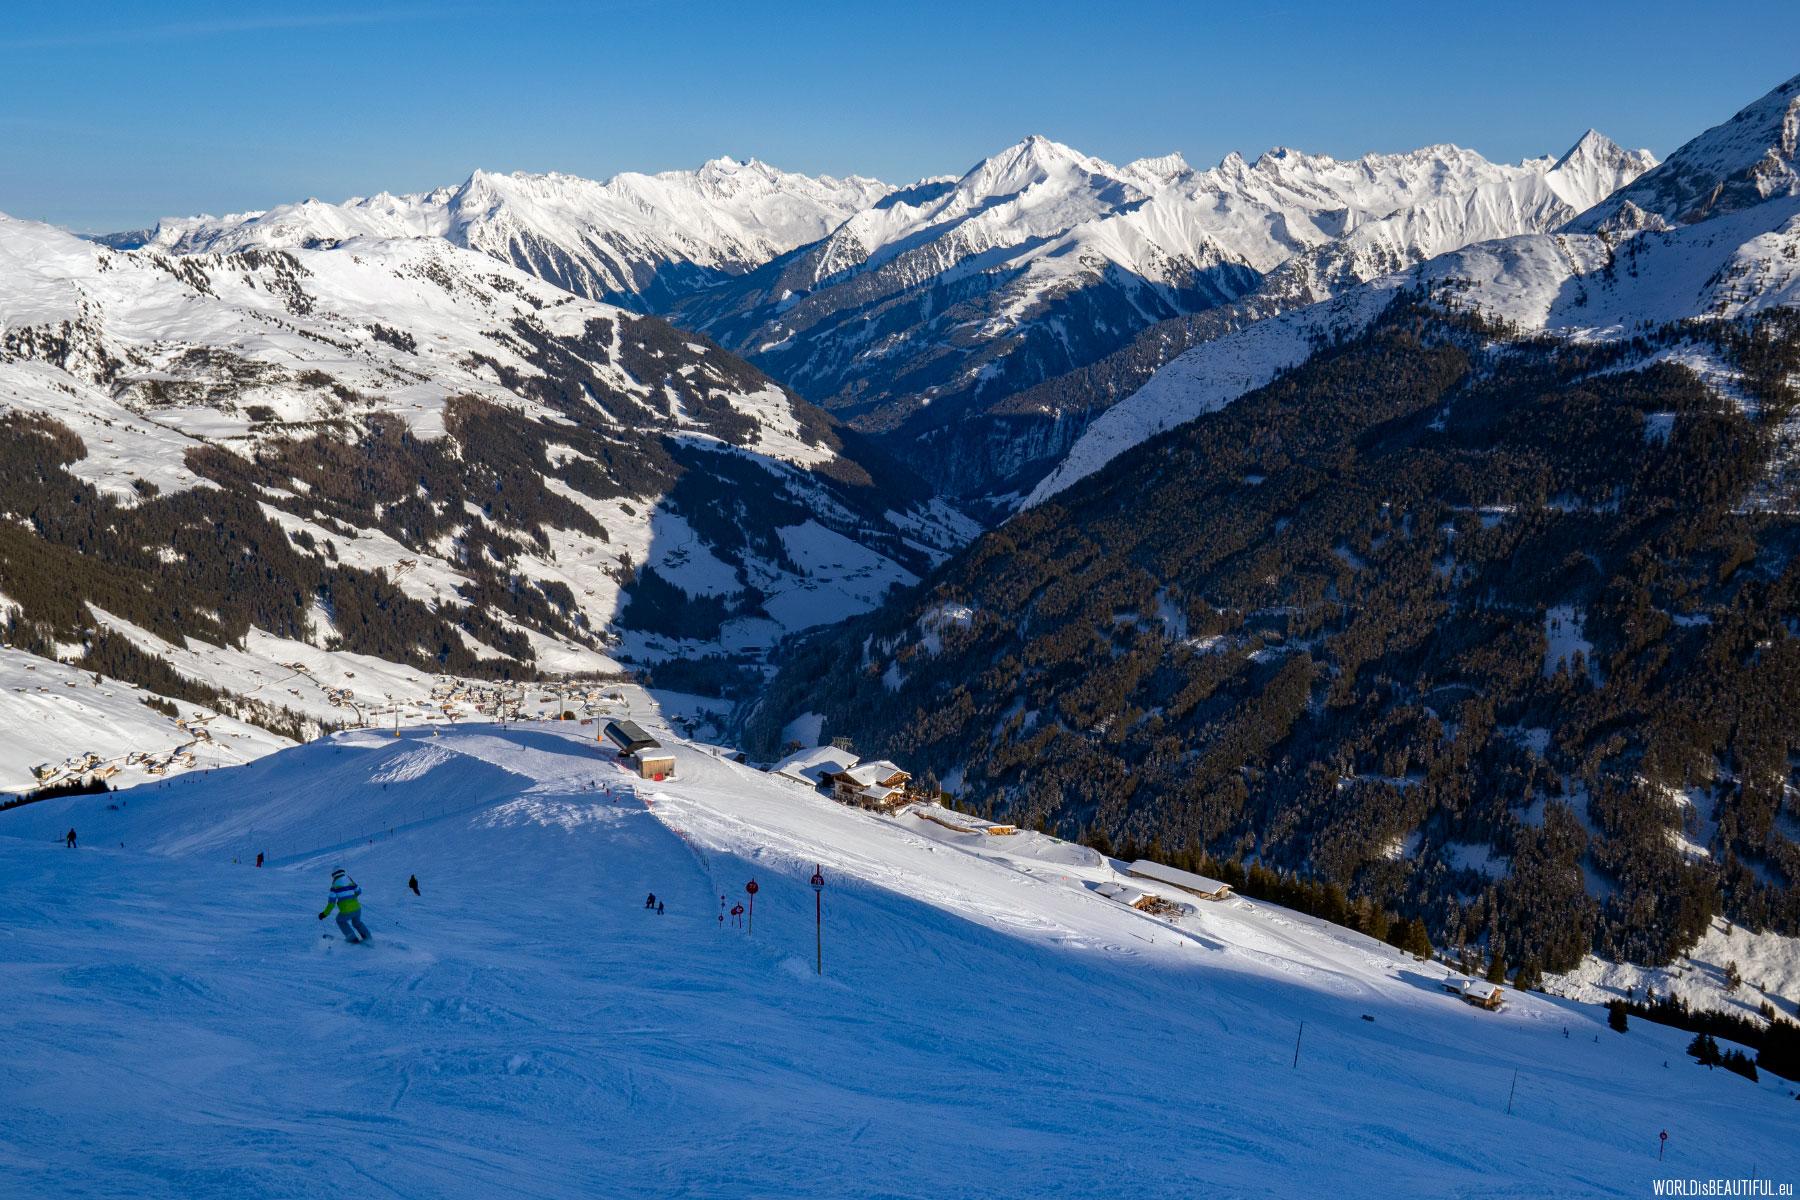 Wyjazd na narty do Austrii